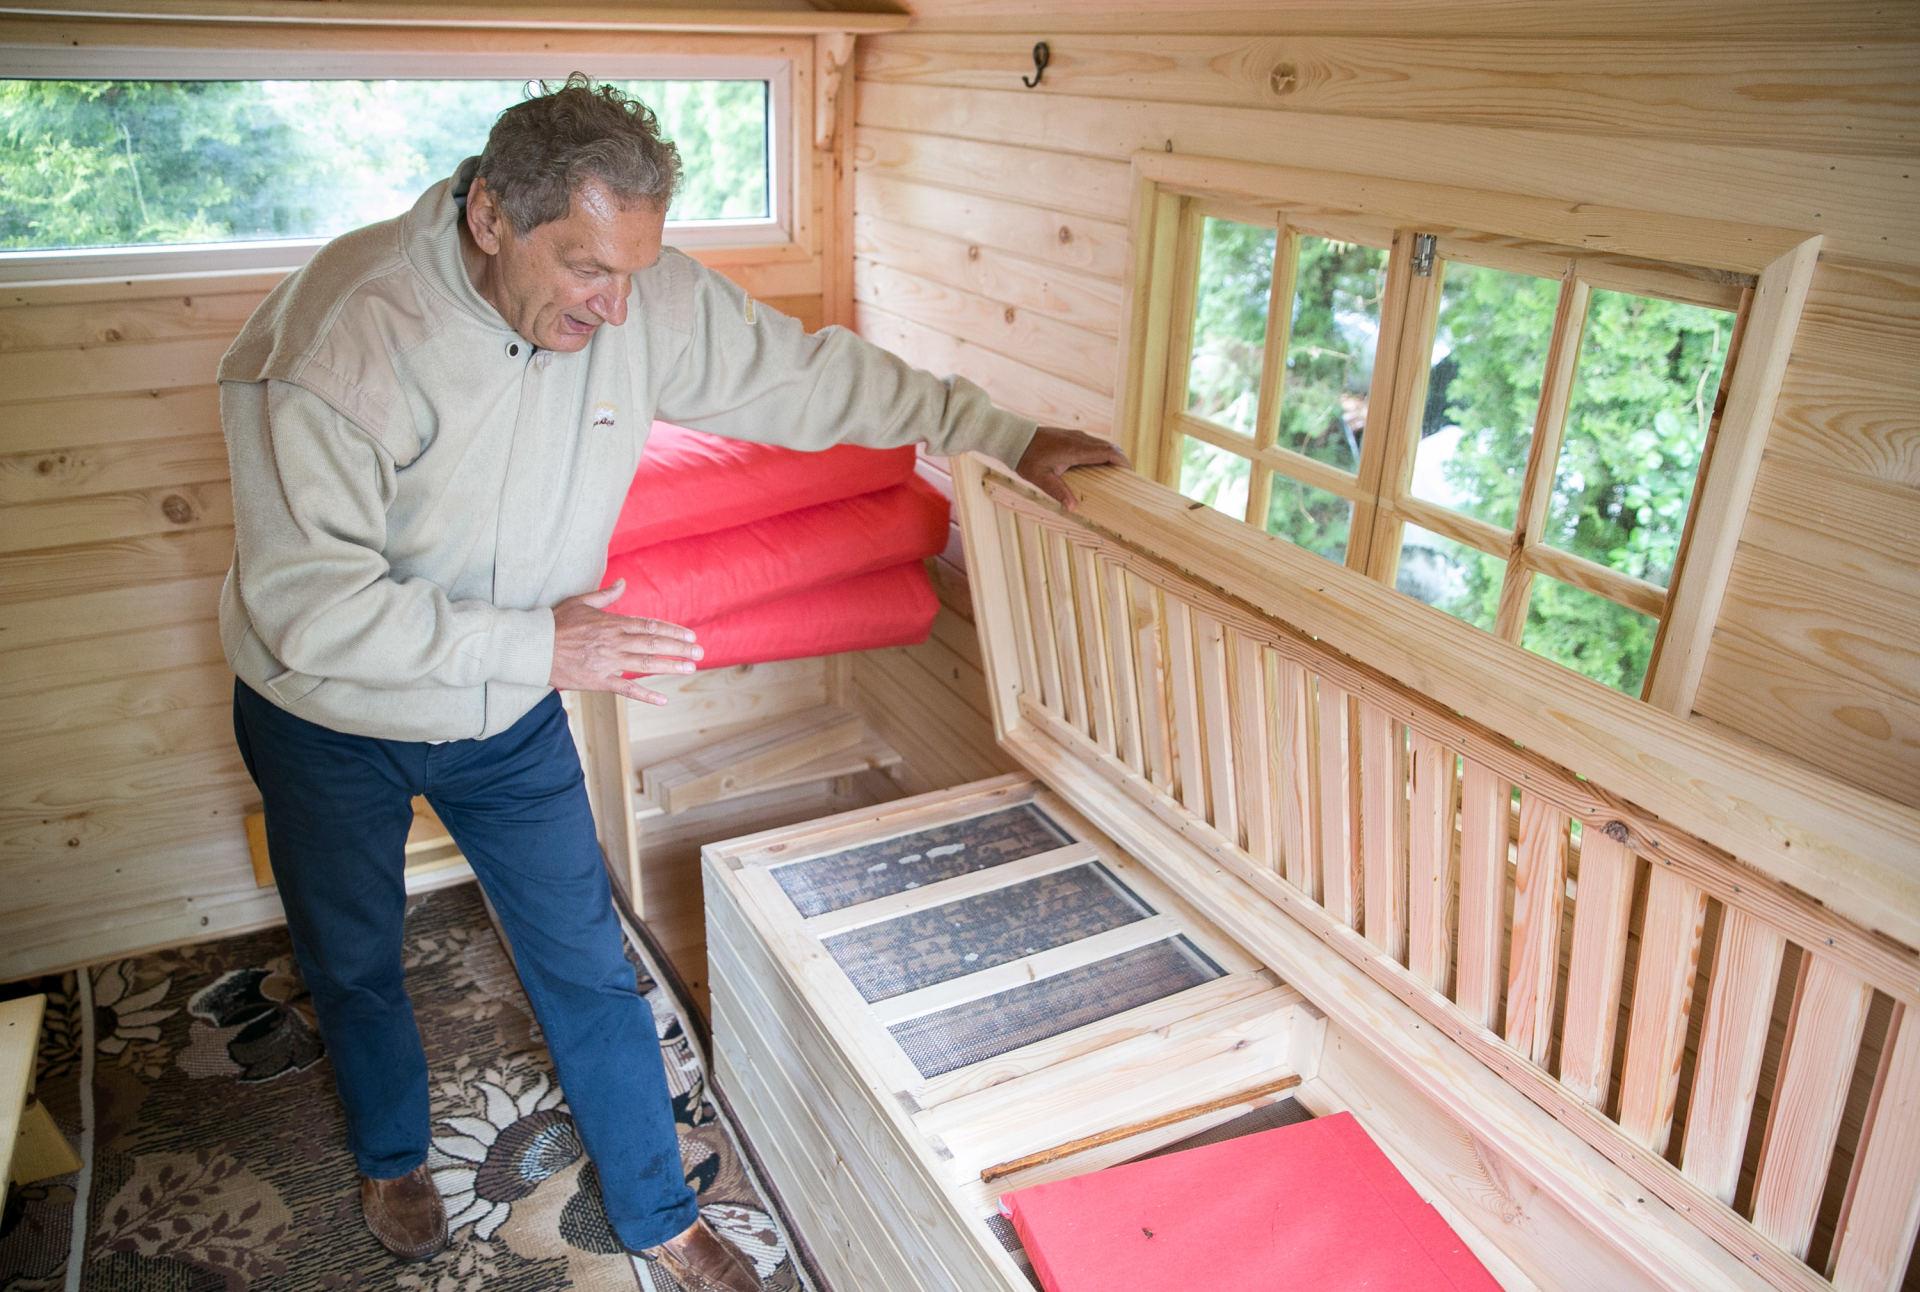 Bičių lovą siūlantis bitininkas: apie geriausią vaistą nuo ...